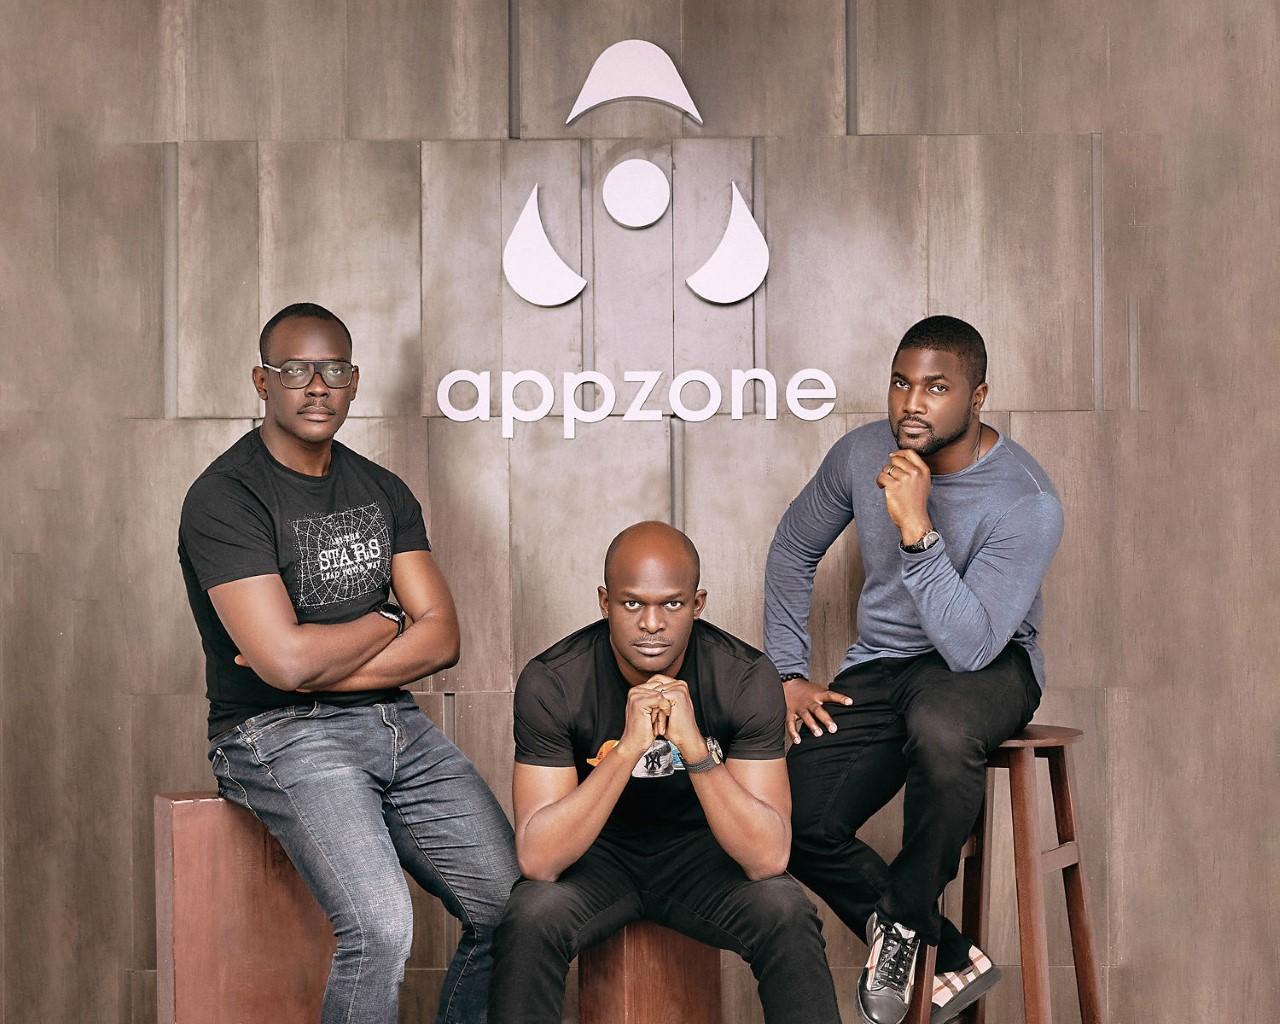 Appzone co-founders Emeka Emetarom, Obi Emetarom and Wale Onawunmi